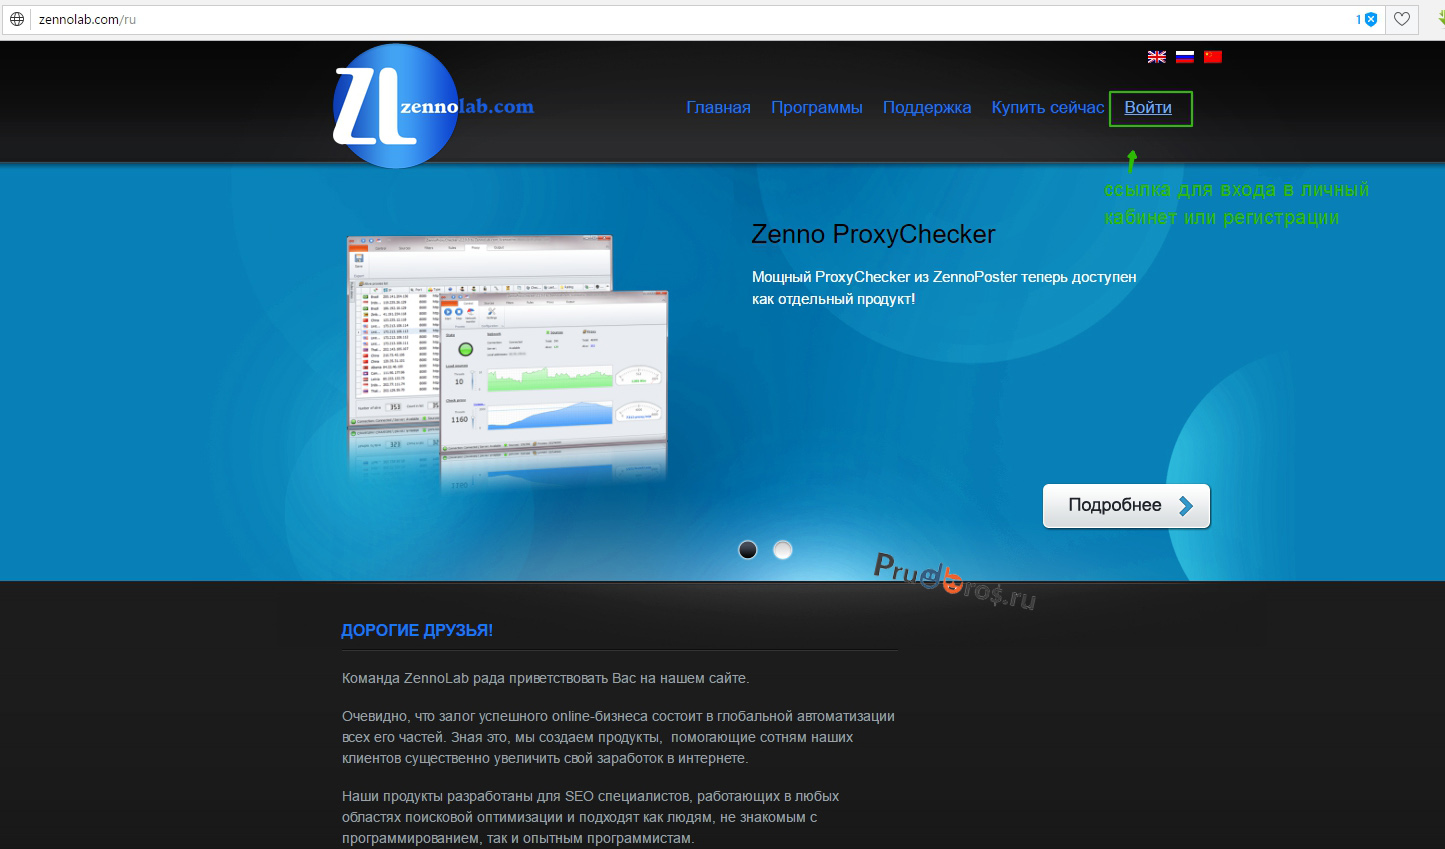 Авторизация и и регистрация на zennolab.com